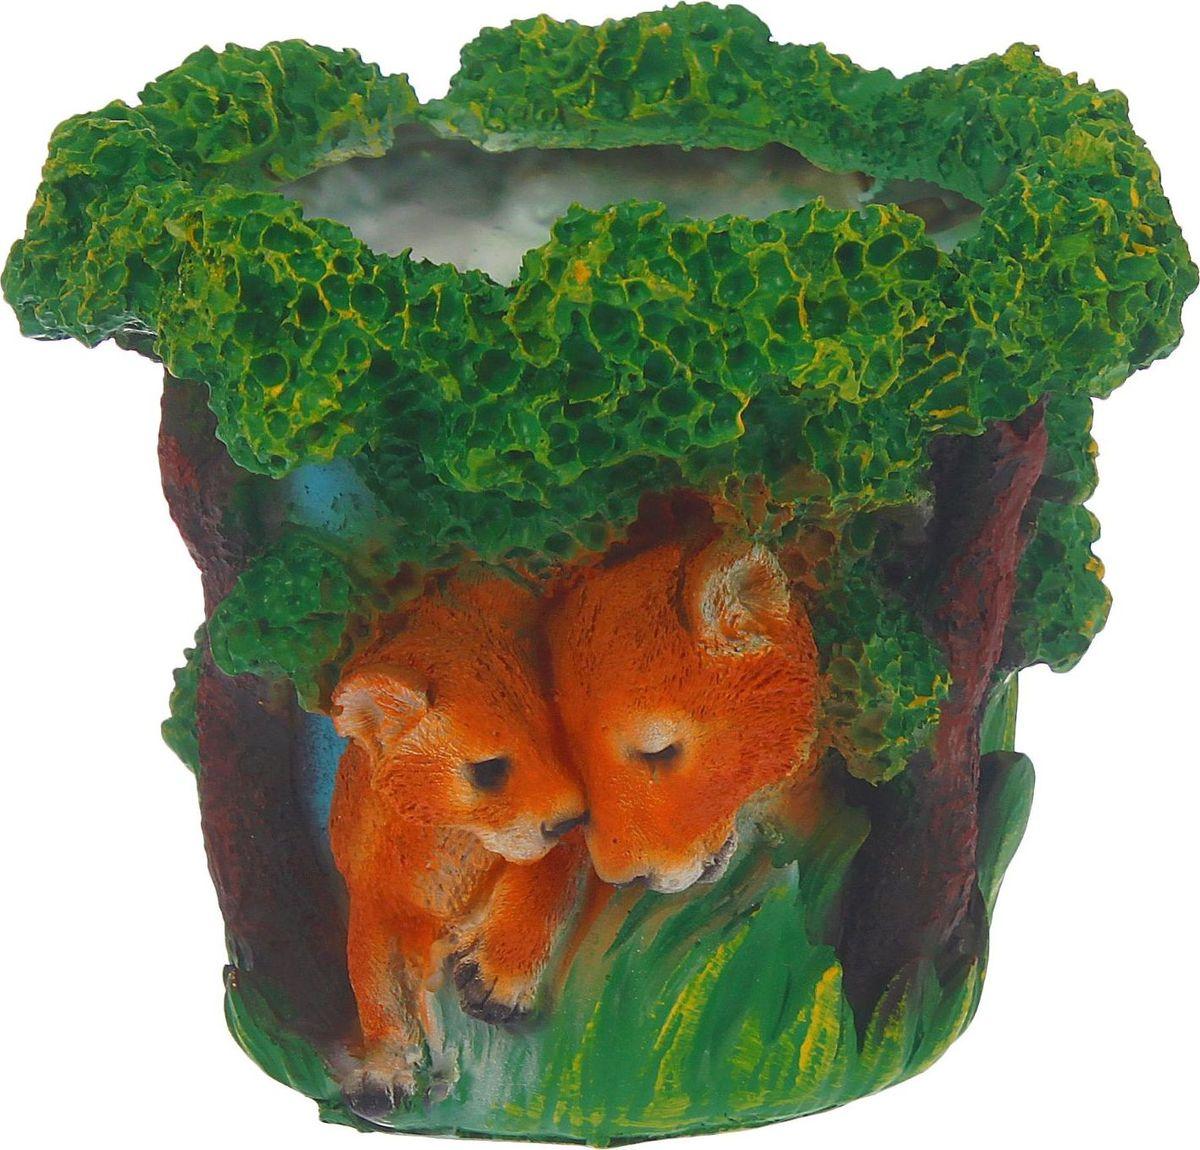 Кашпо Тигры, 20 х 20 х 17 см1343730Комнатные растения — всеобщие любимцы. Они радуют глаз, насыщают помещение кислородом и украшают пространство. Каждому из растений необходим свой удобный и красивый дом. Поселите зелёного питомца в яркое и оригинальное фигурное кашпо. Выберите подходящую форму для детской, спальни, гостиной, балкона, офиса или террасы. #name# позаботится о растении, украсит окружающее пространство и подчеркнёт его оригинальный стиль.